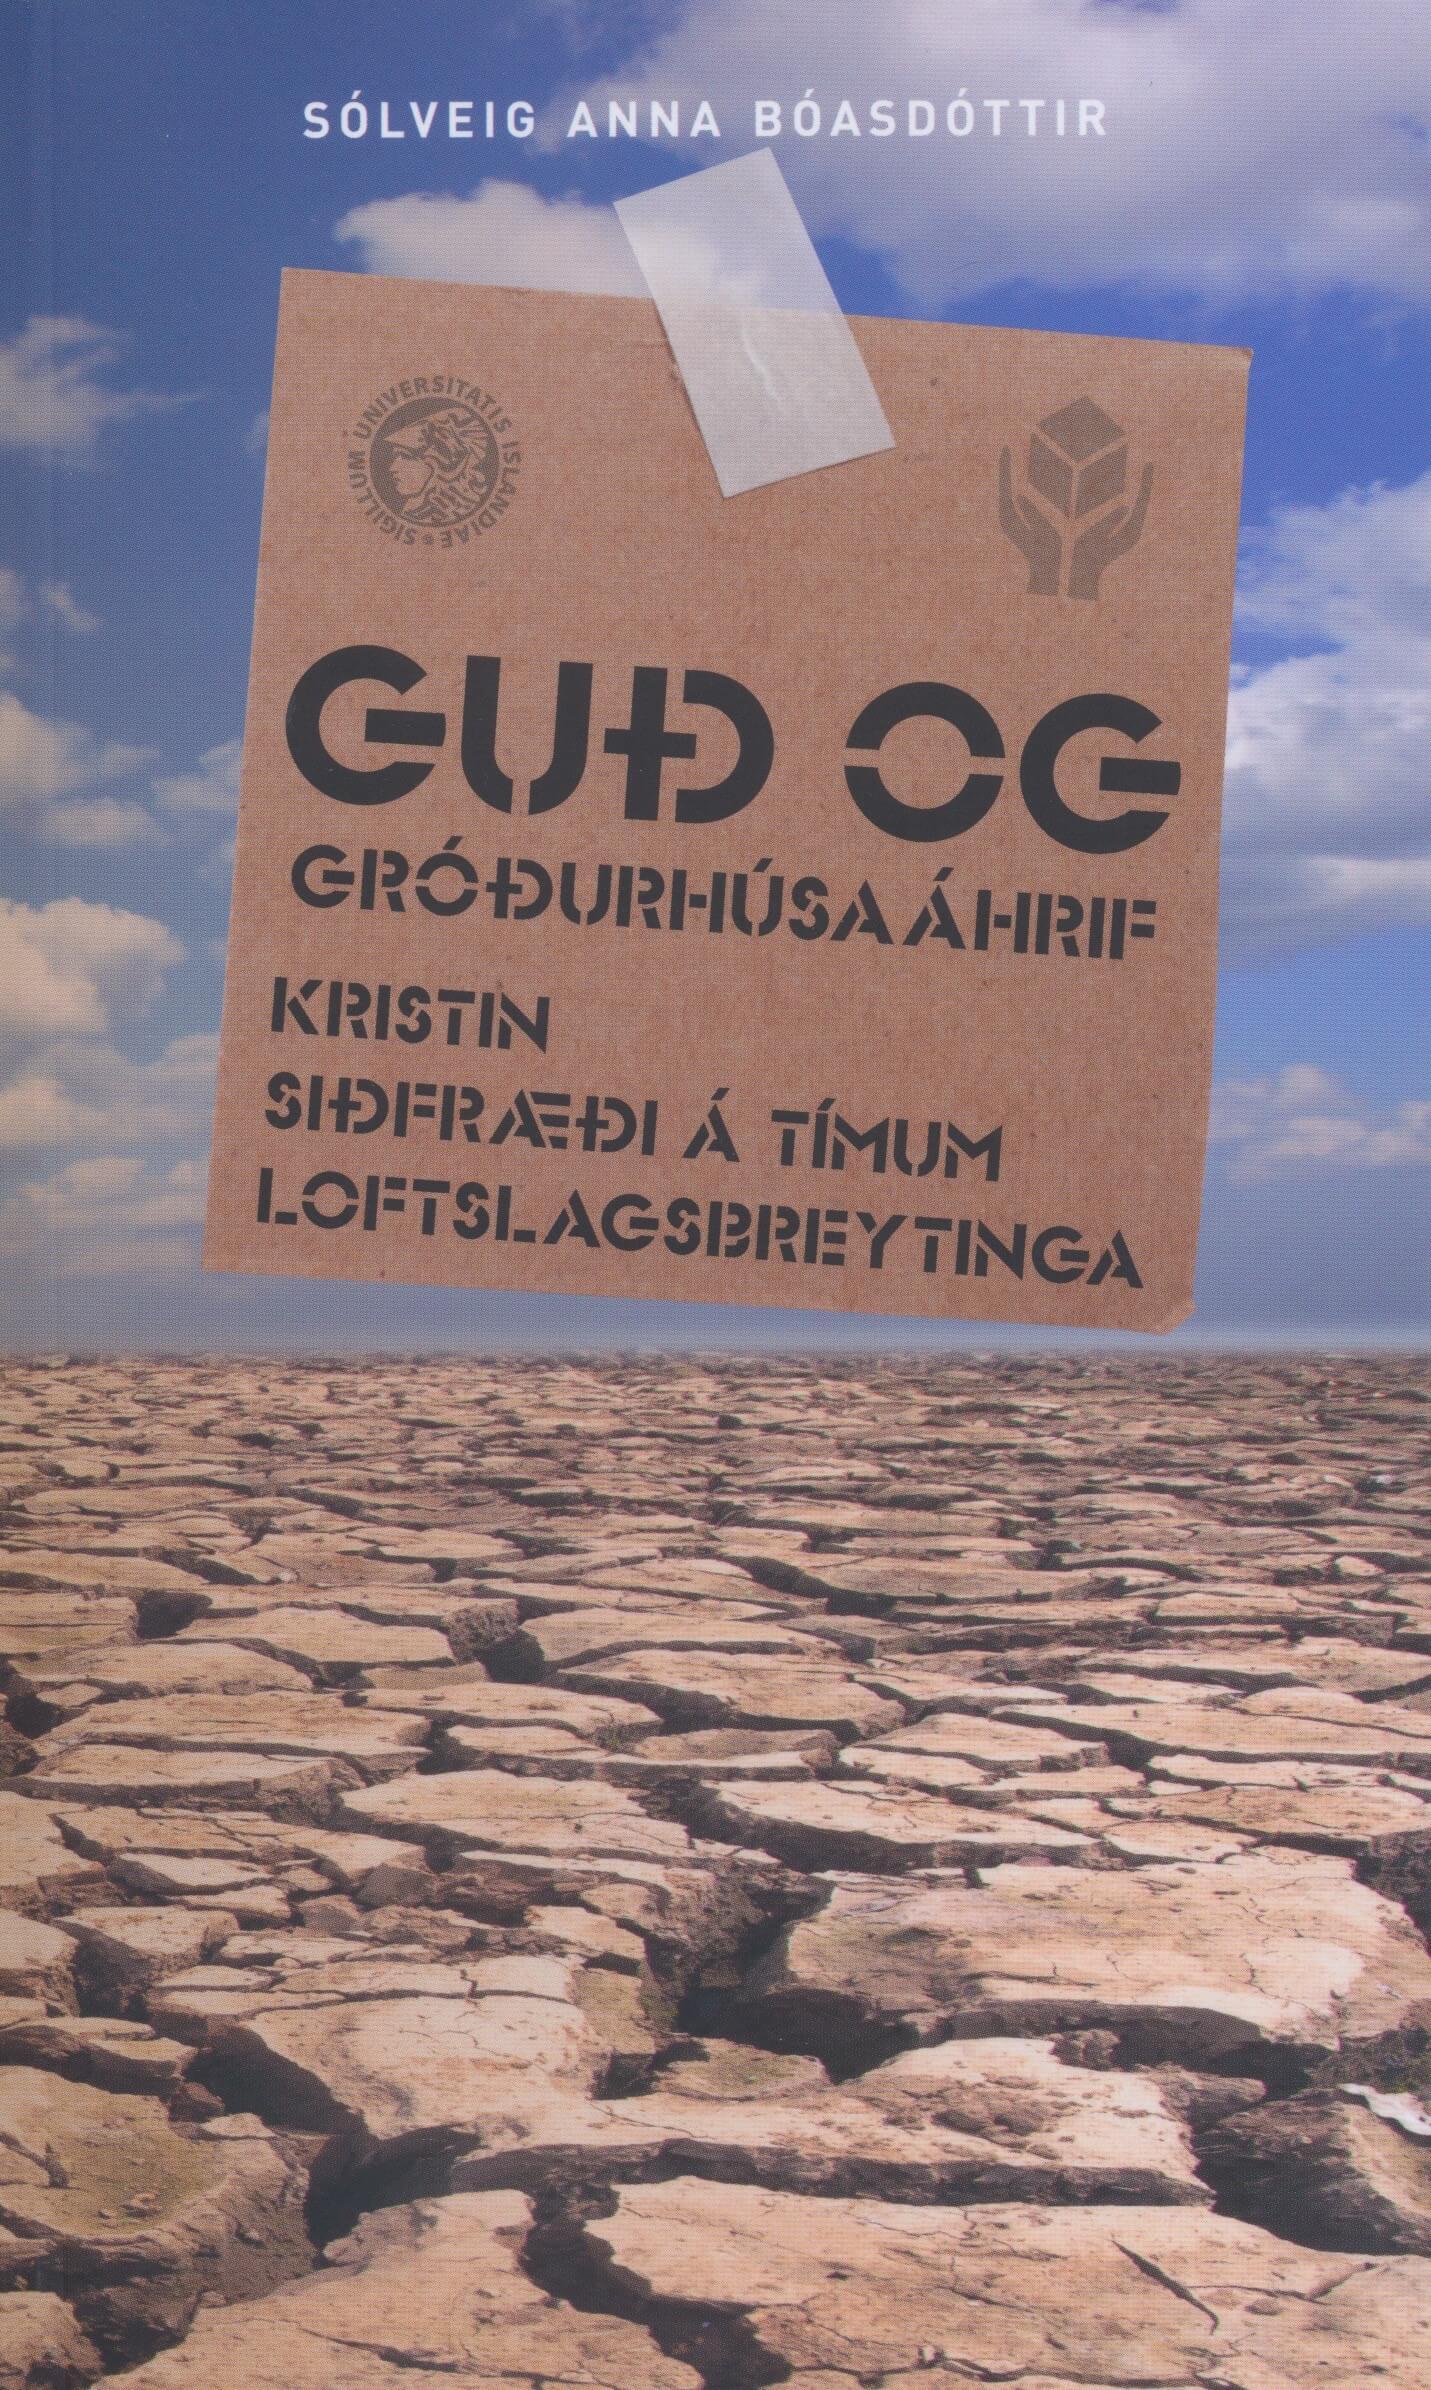 Guð og gróðurhúsaáhrif